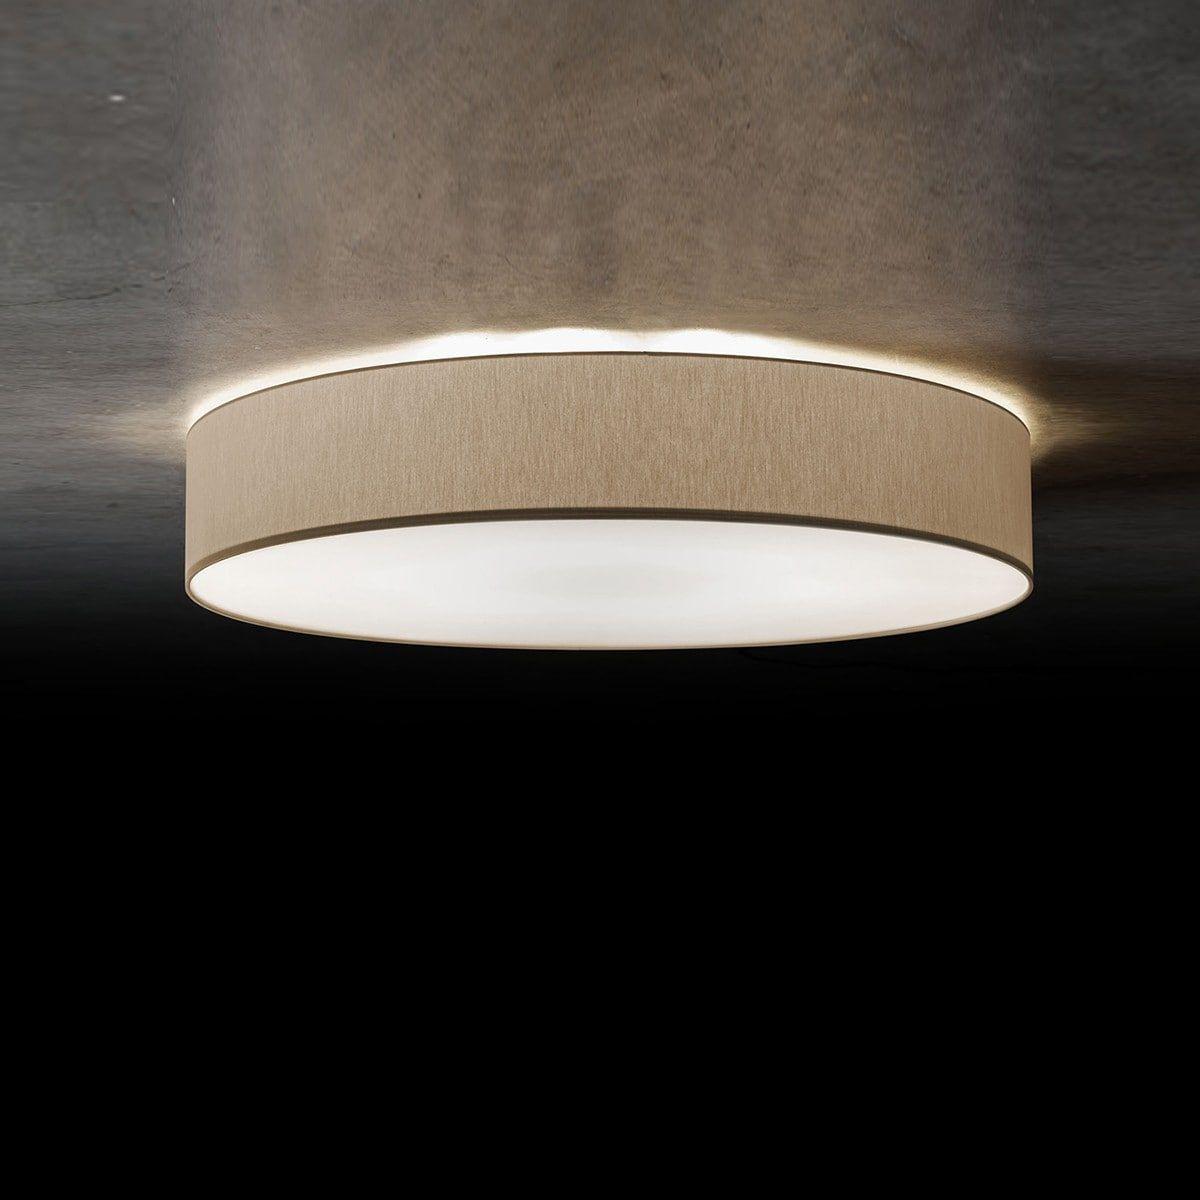 Led Lampe Decke Flach Deckenleuchte Weiss Gold Deckenleuchte